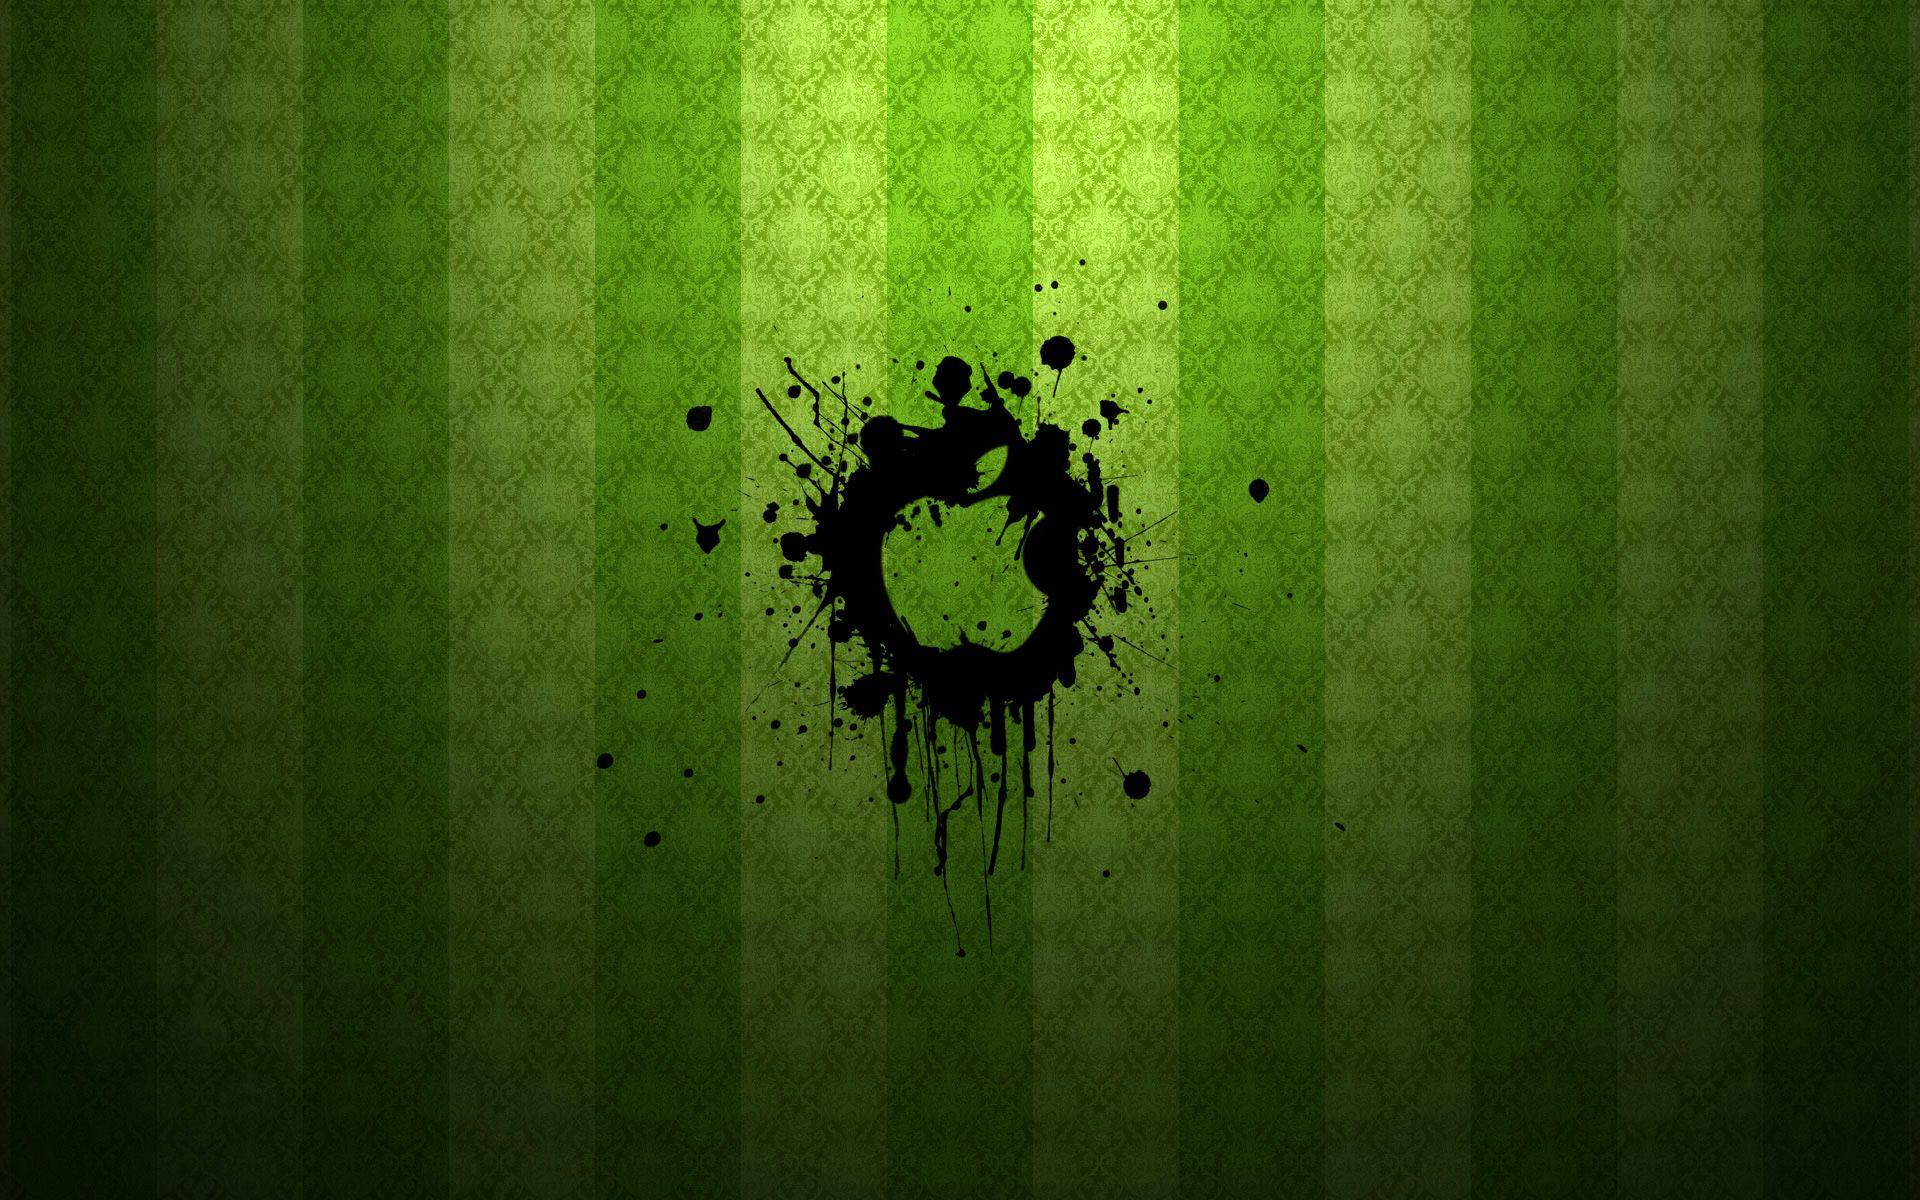 apple logo on fire hd desktop wallpaper high definition 1920a—1200 apple logo hd